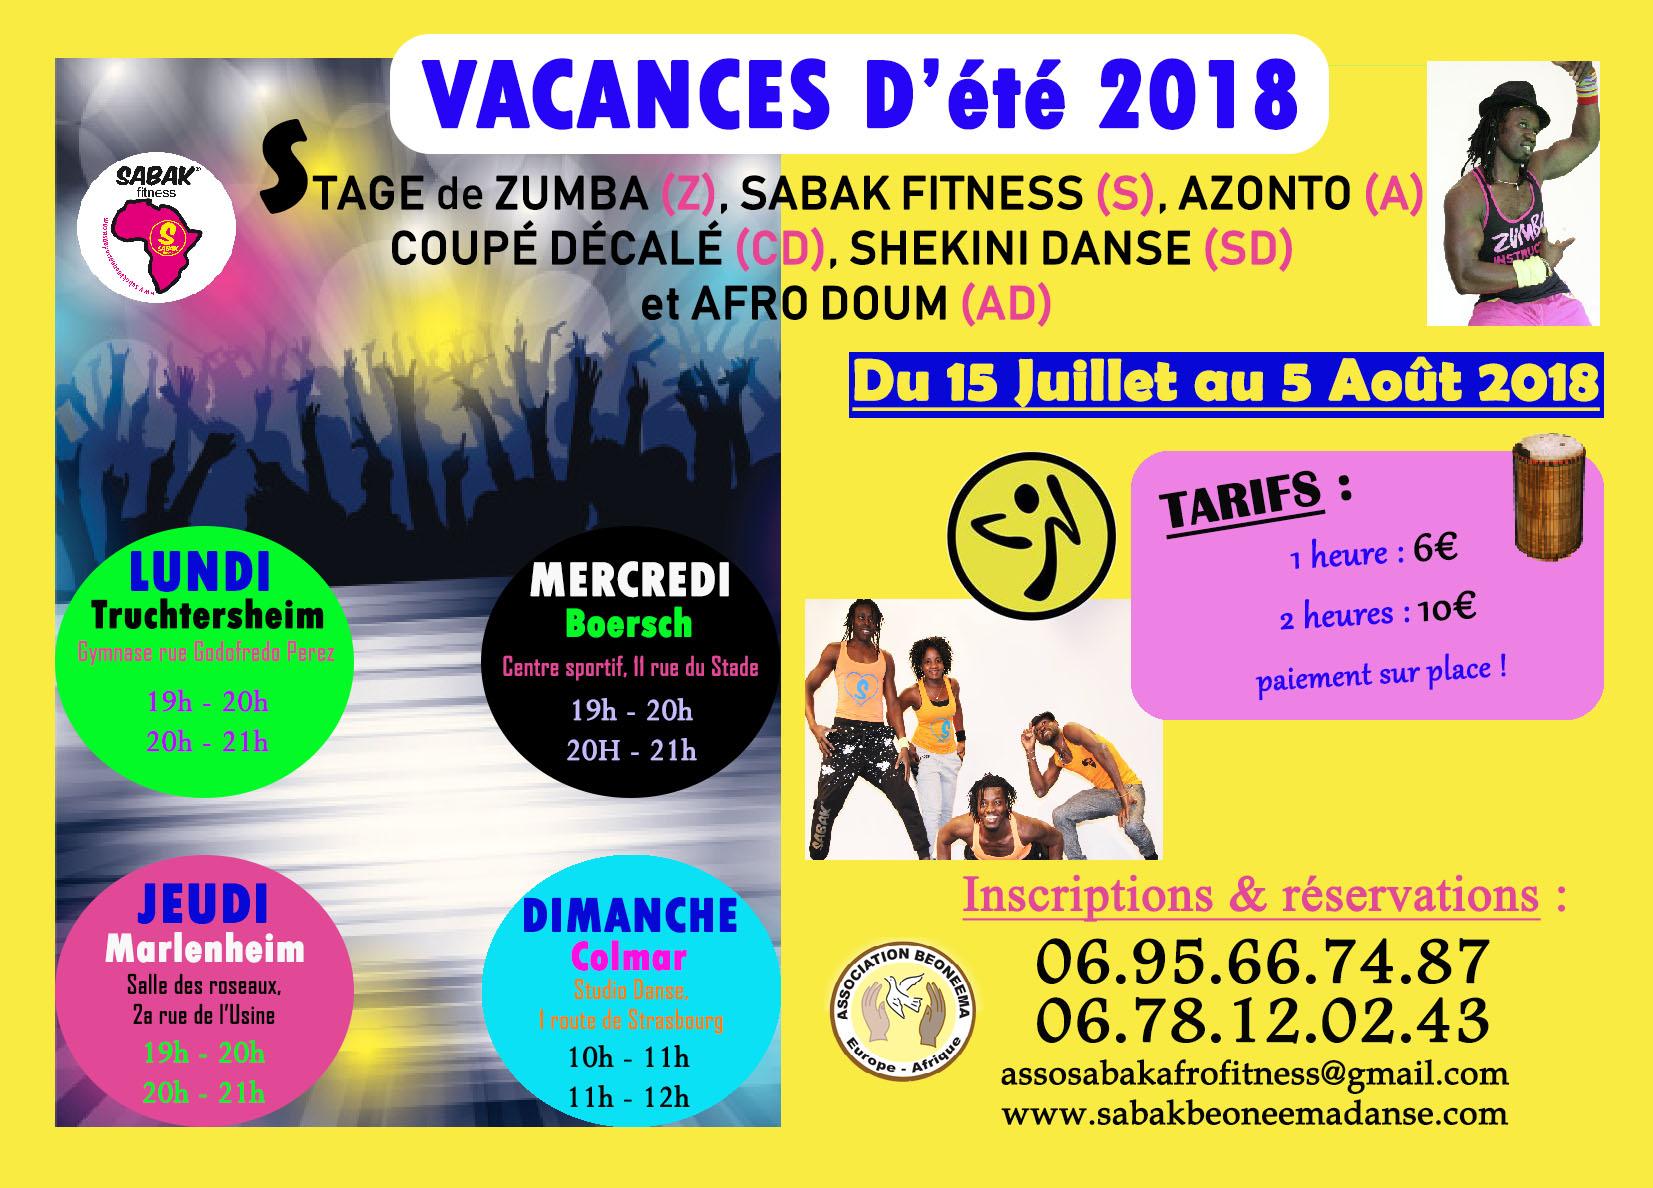 STAGE D'ÉTÉ 2018